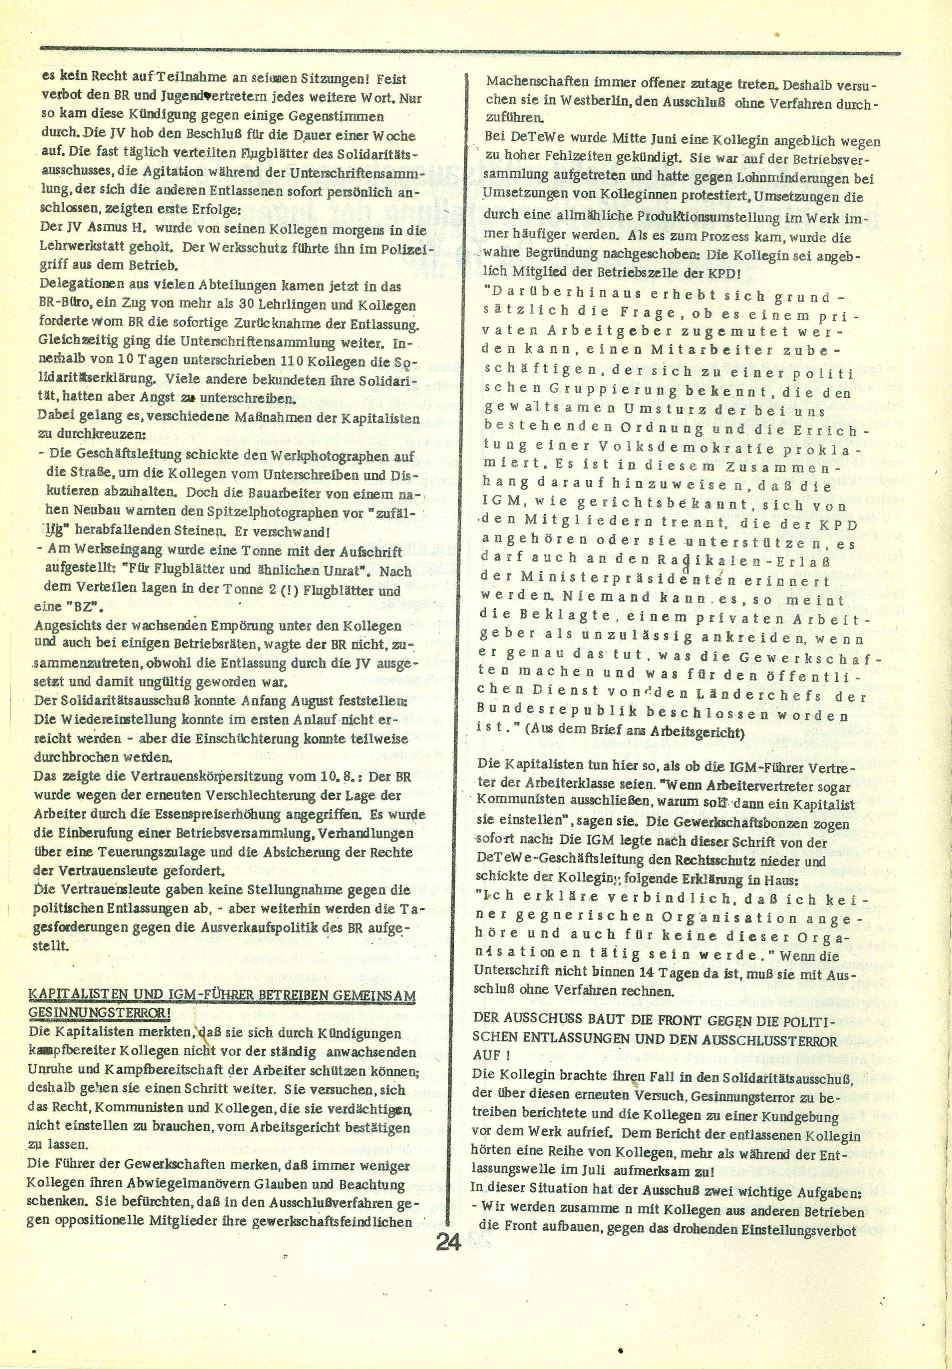 RGO_1973_08_026